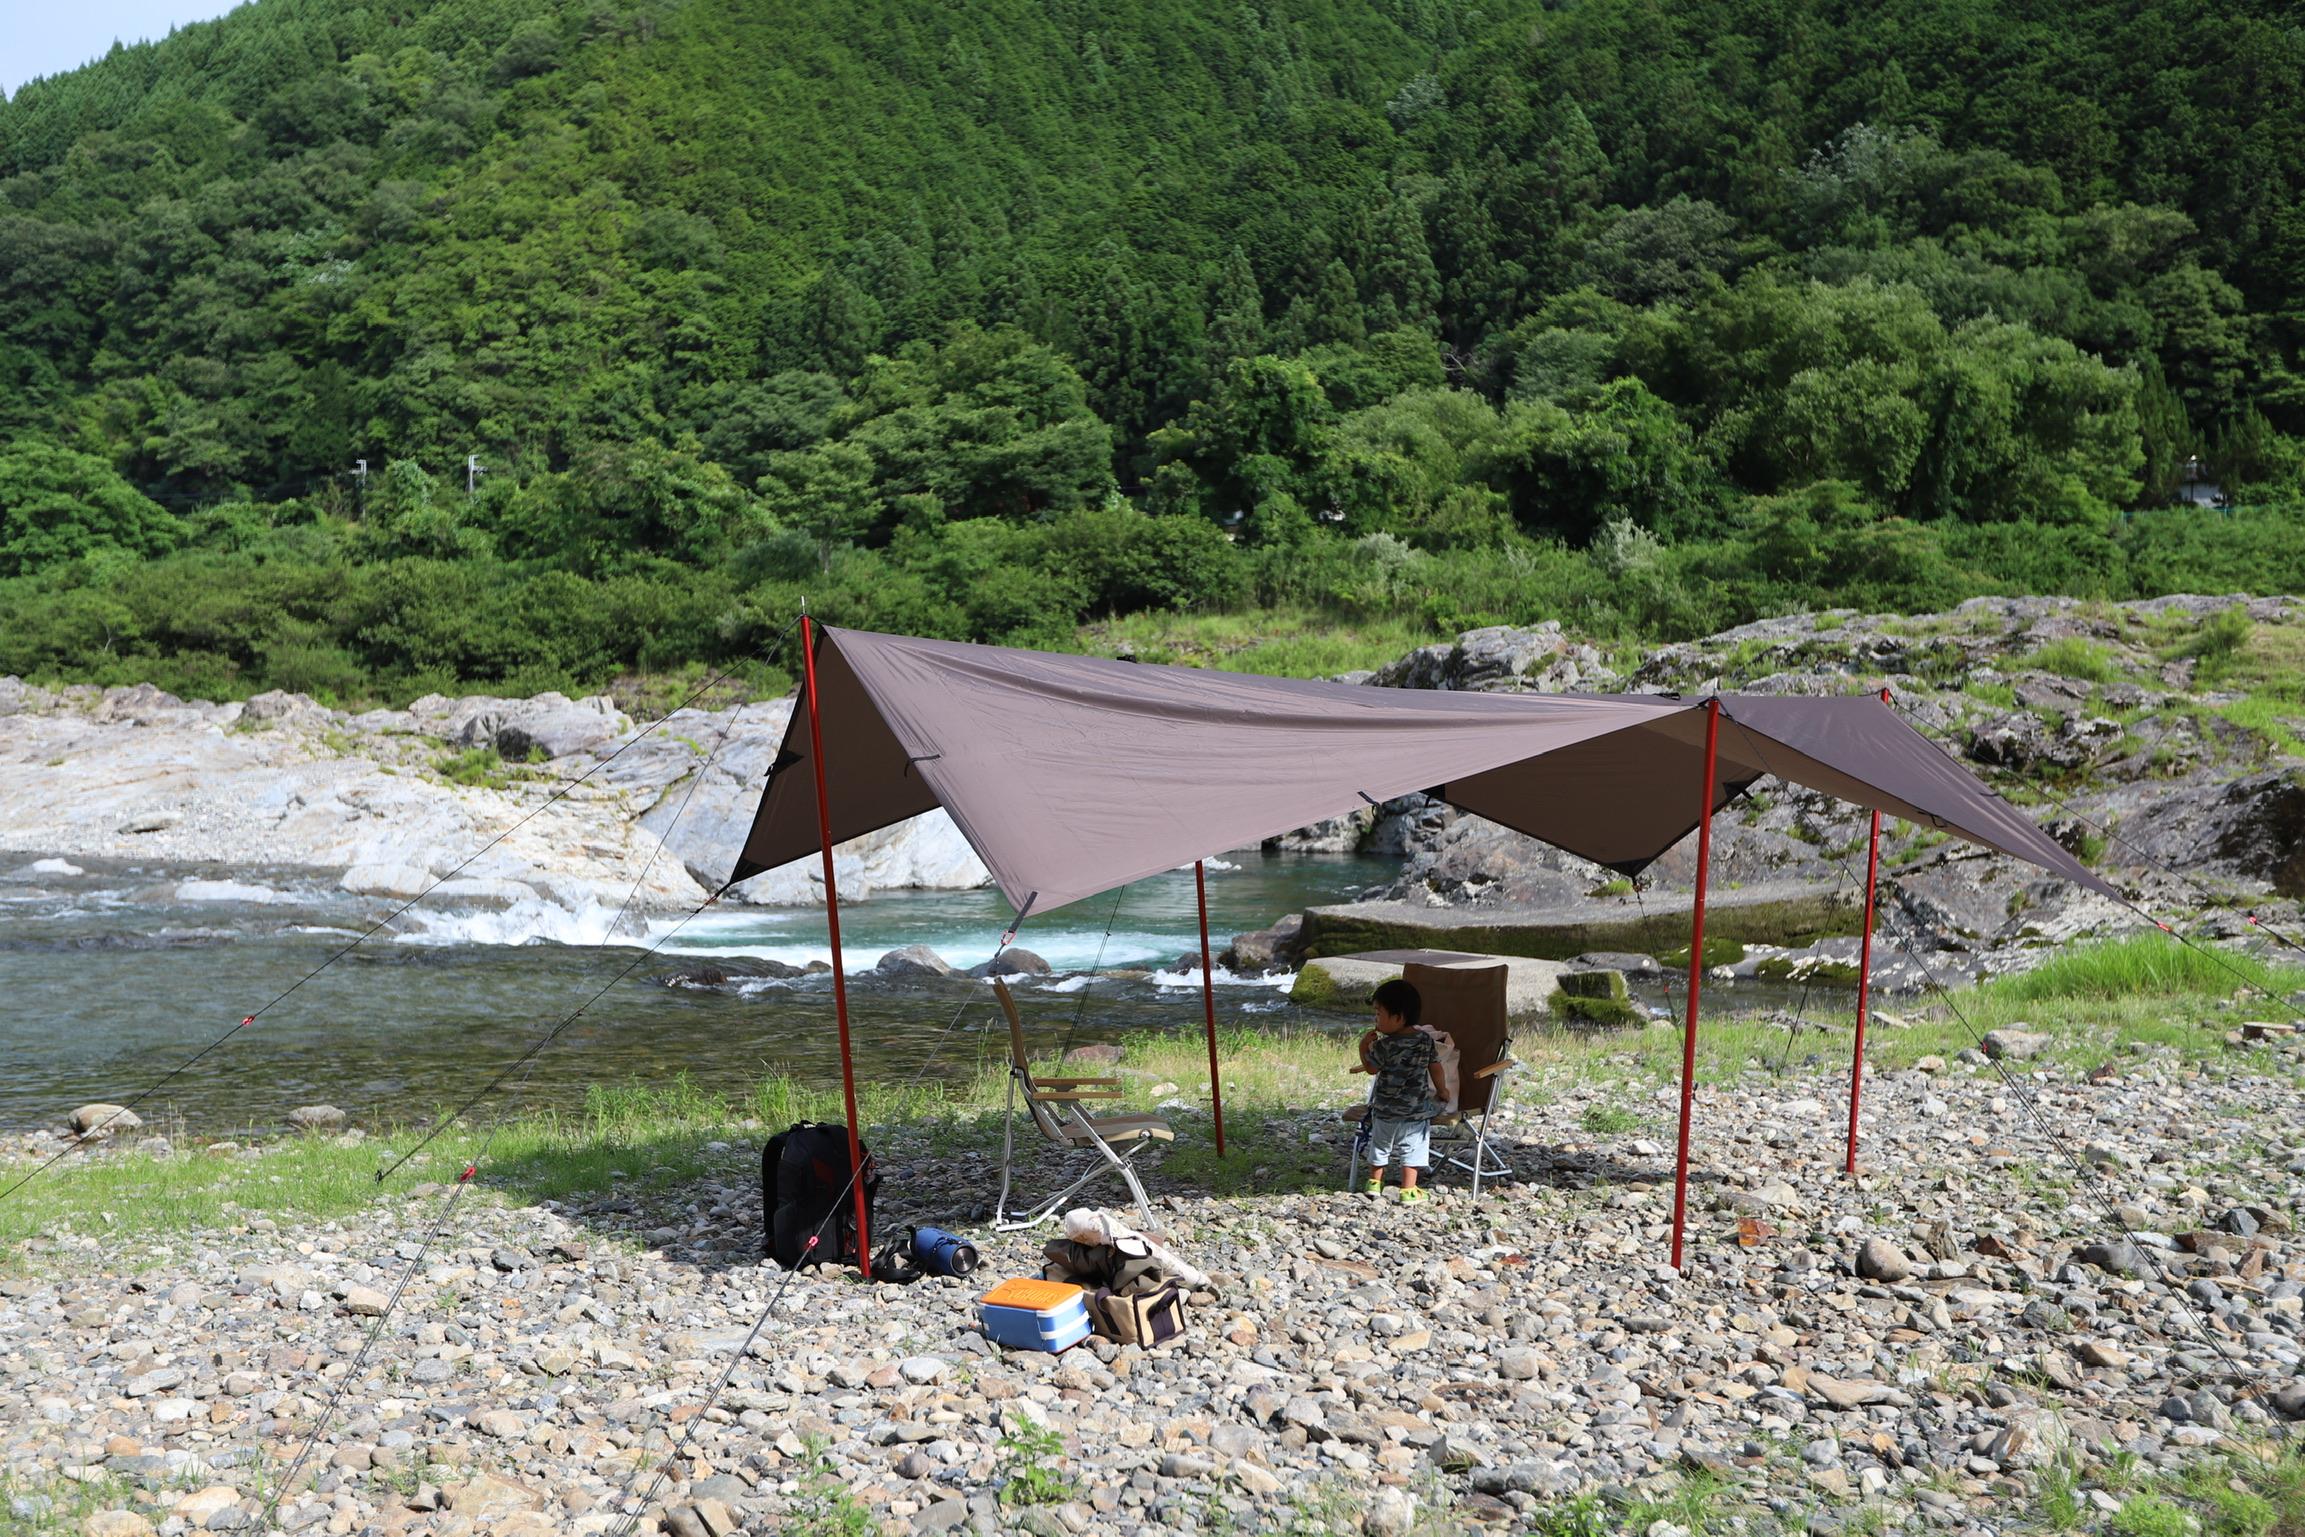 吉野川でデイキャンプができるスポット。宮滝河川交流センター